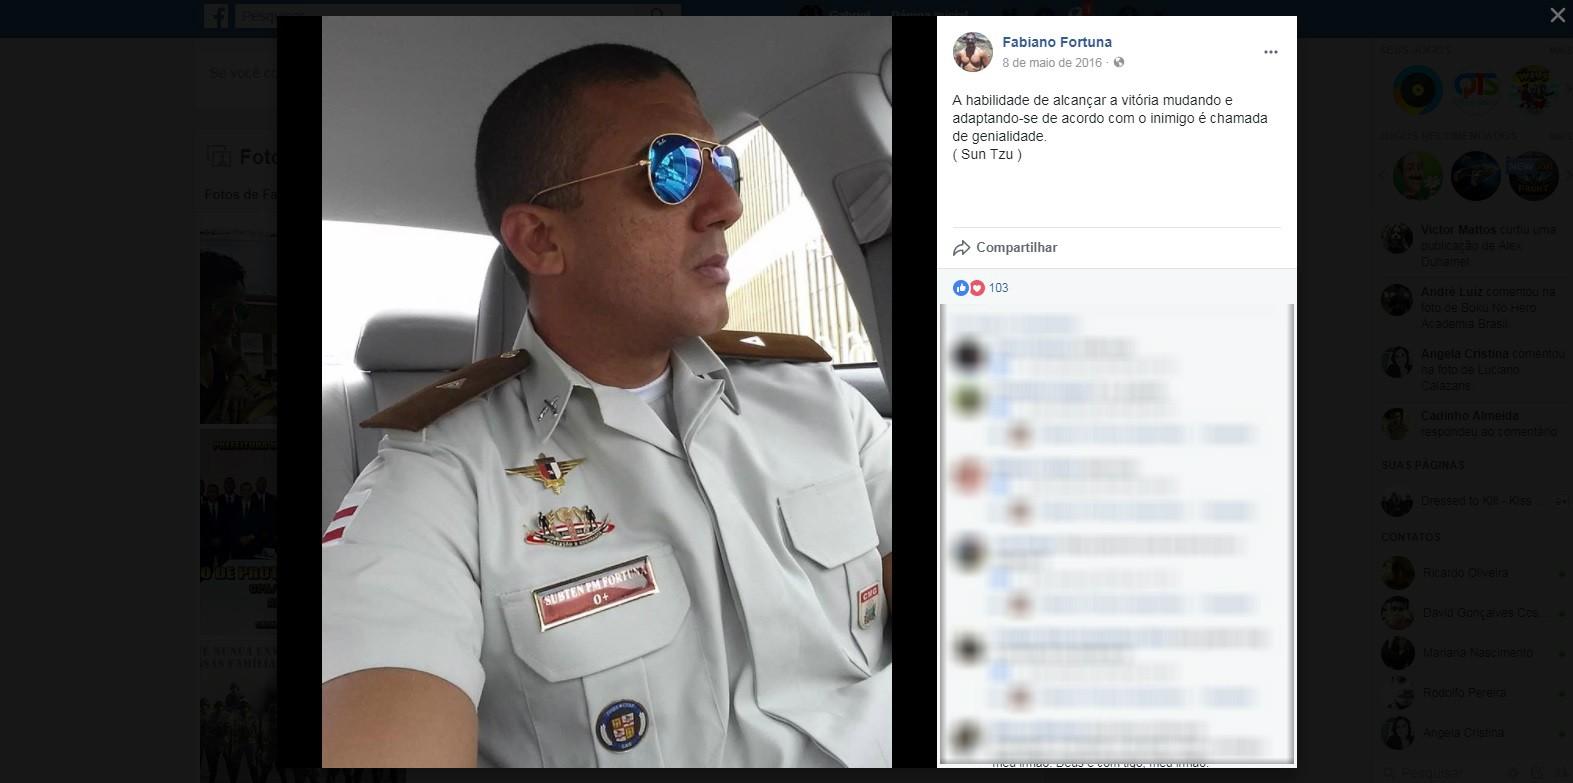 Dupla é condenada a quase 30 anos de prisão por participar da morte de PM em shopping de Salvador